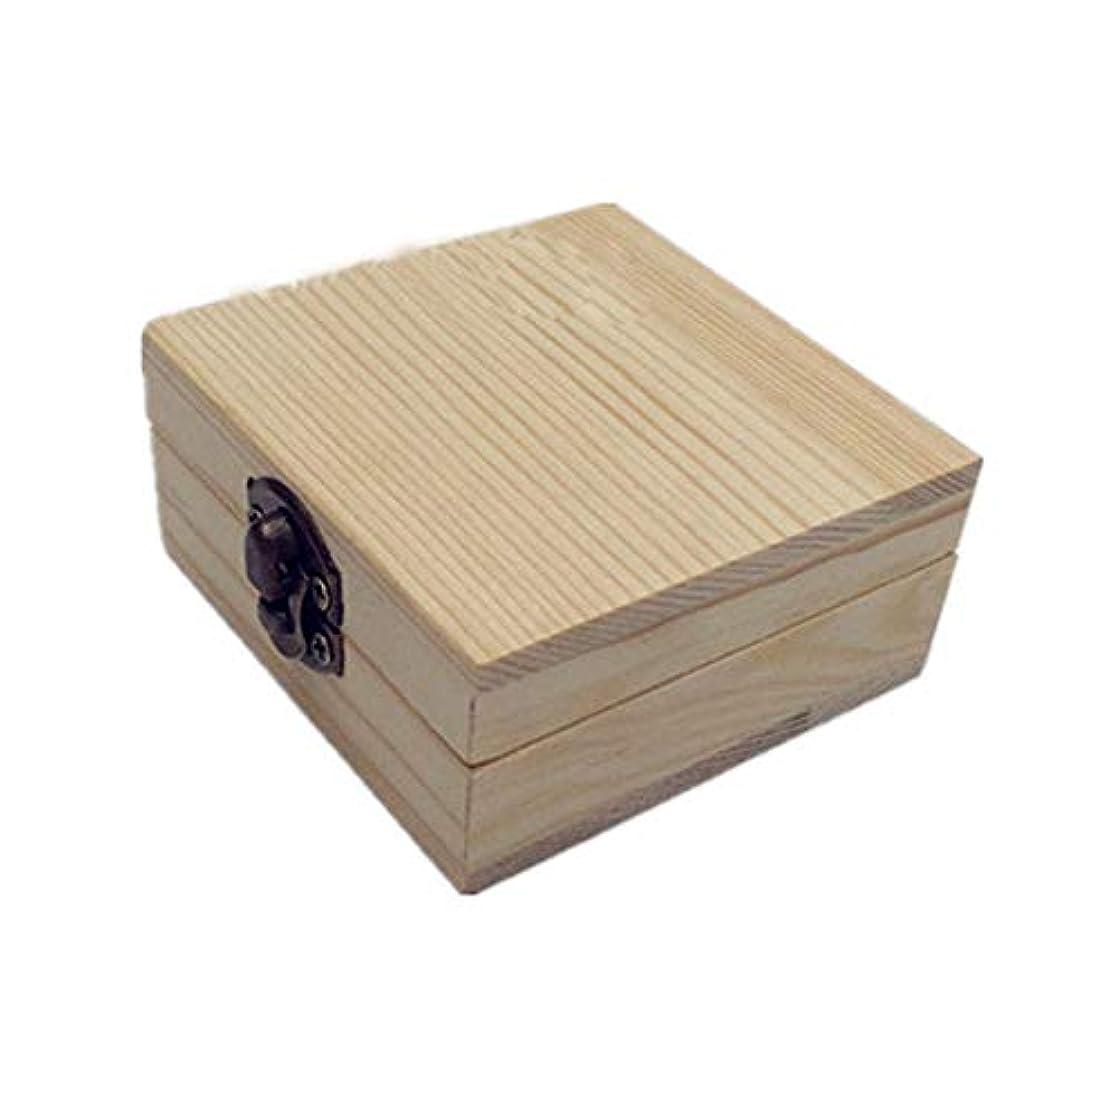 蒸し器従来の独創的エッセンシャルオイルストレージボックス 木製のエッセンシャルオイルボックスパーフェクトエッセンシャルオイルケースはエッセンシャル2本のボトル用保持します 旅行およびプレゼンテーション用 (色 : Natural, サイズ...